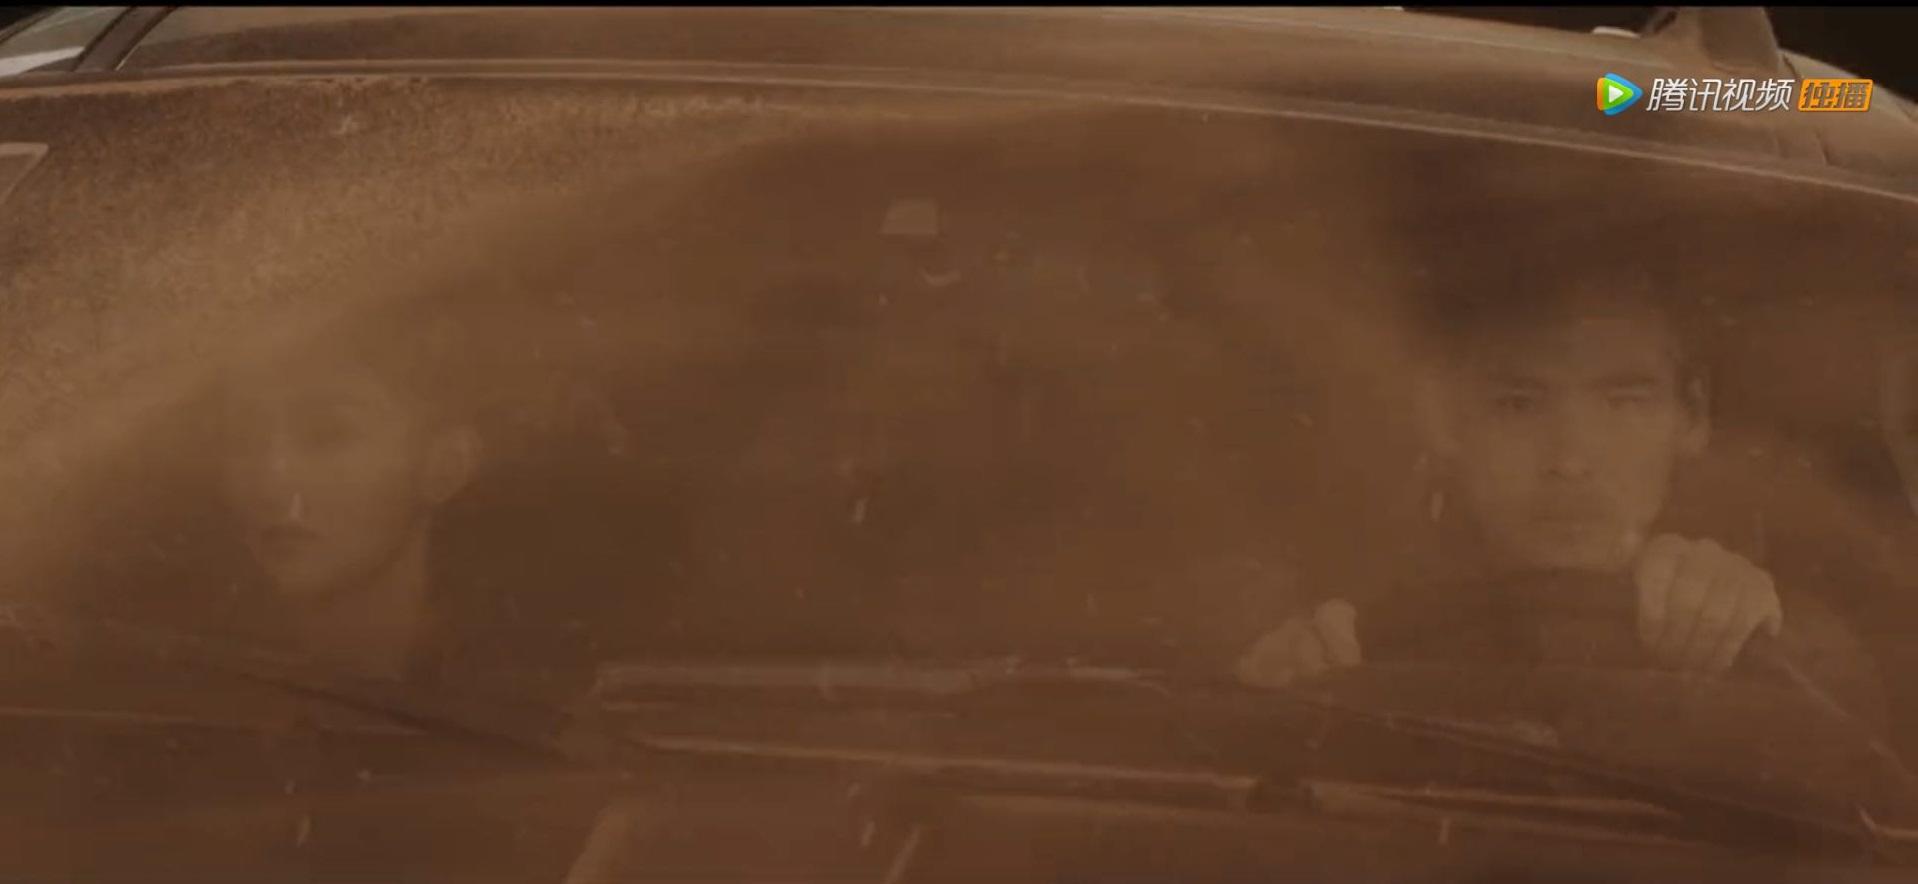 这些细节告诉你《沙海》的制作有多棒的照片 - 6